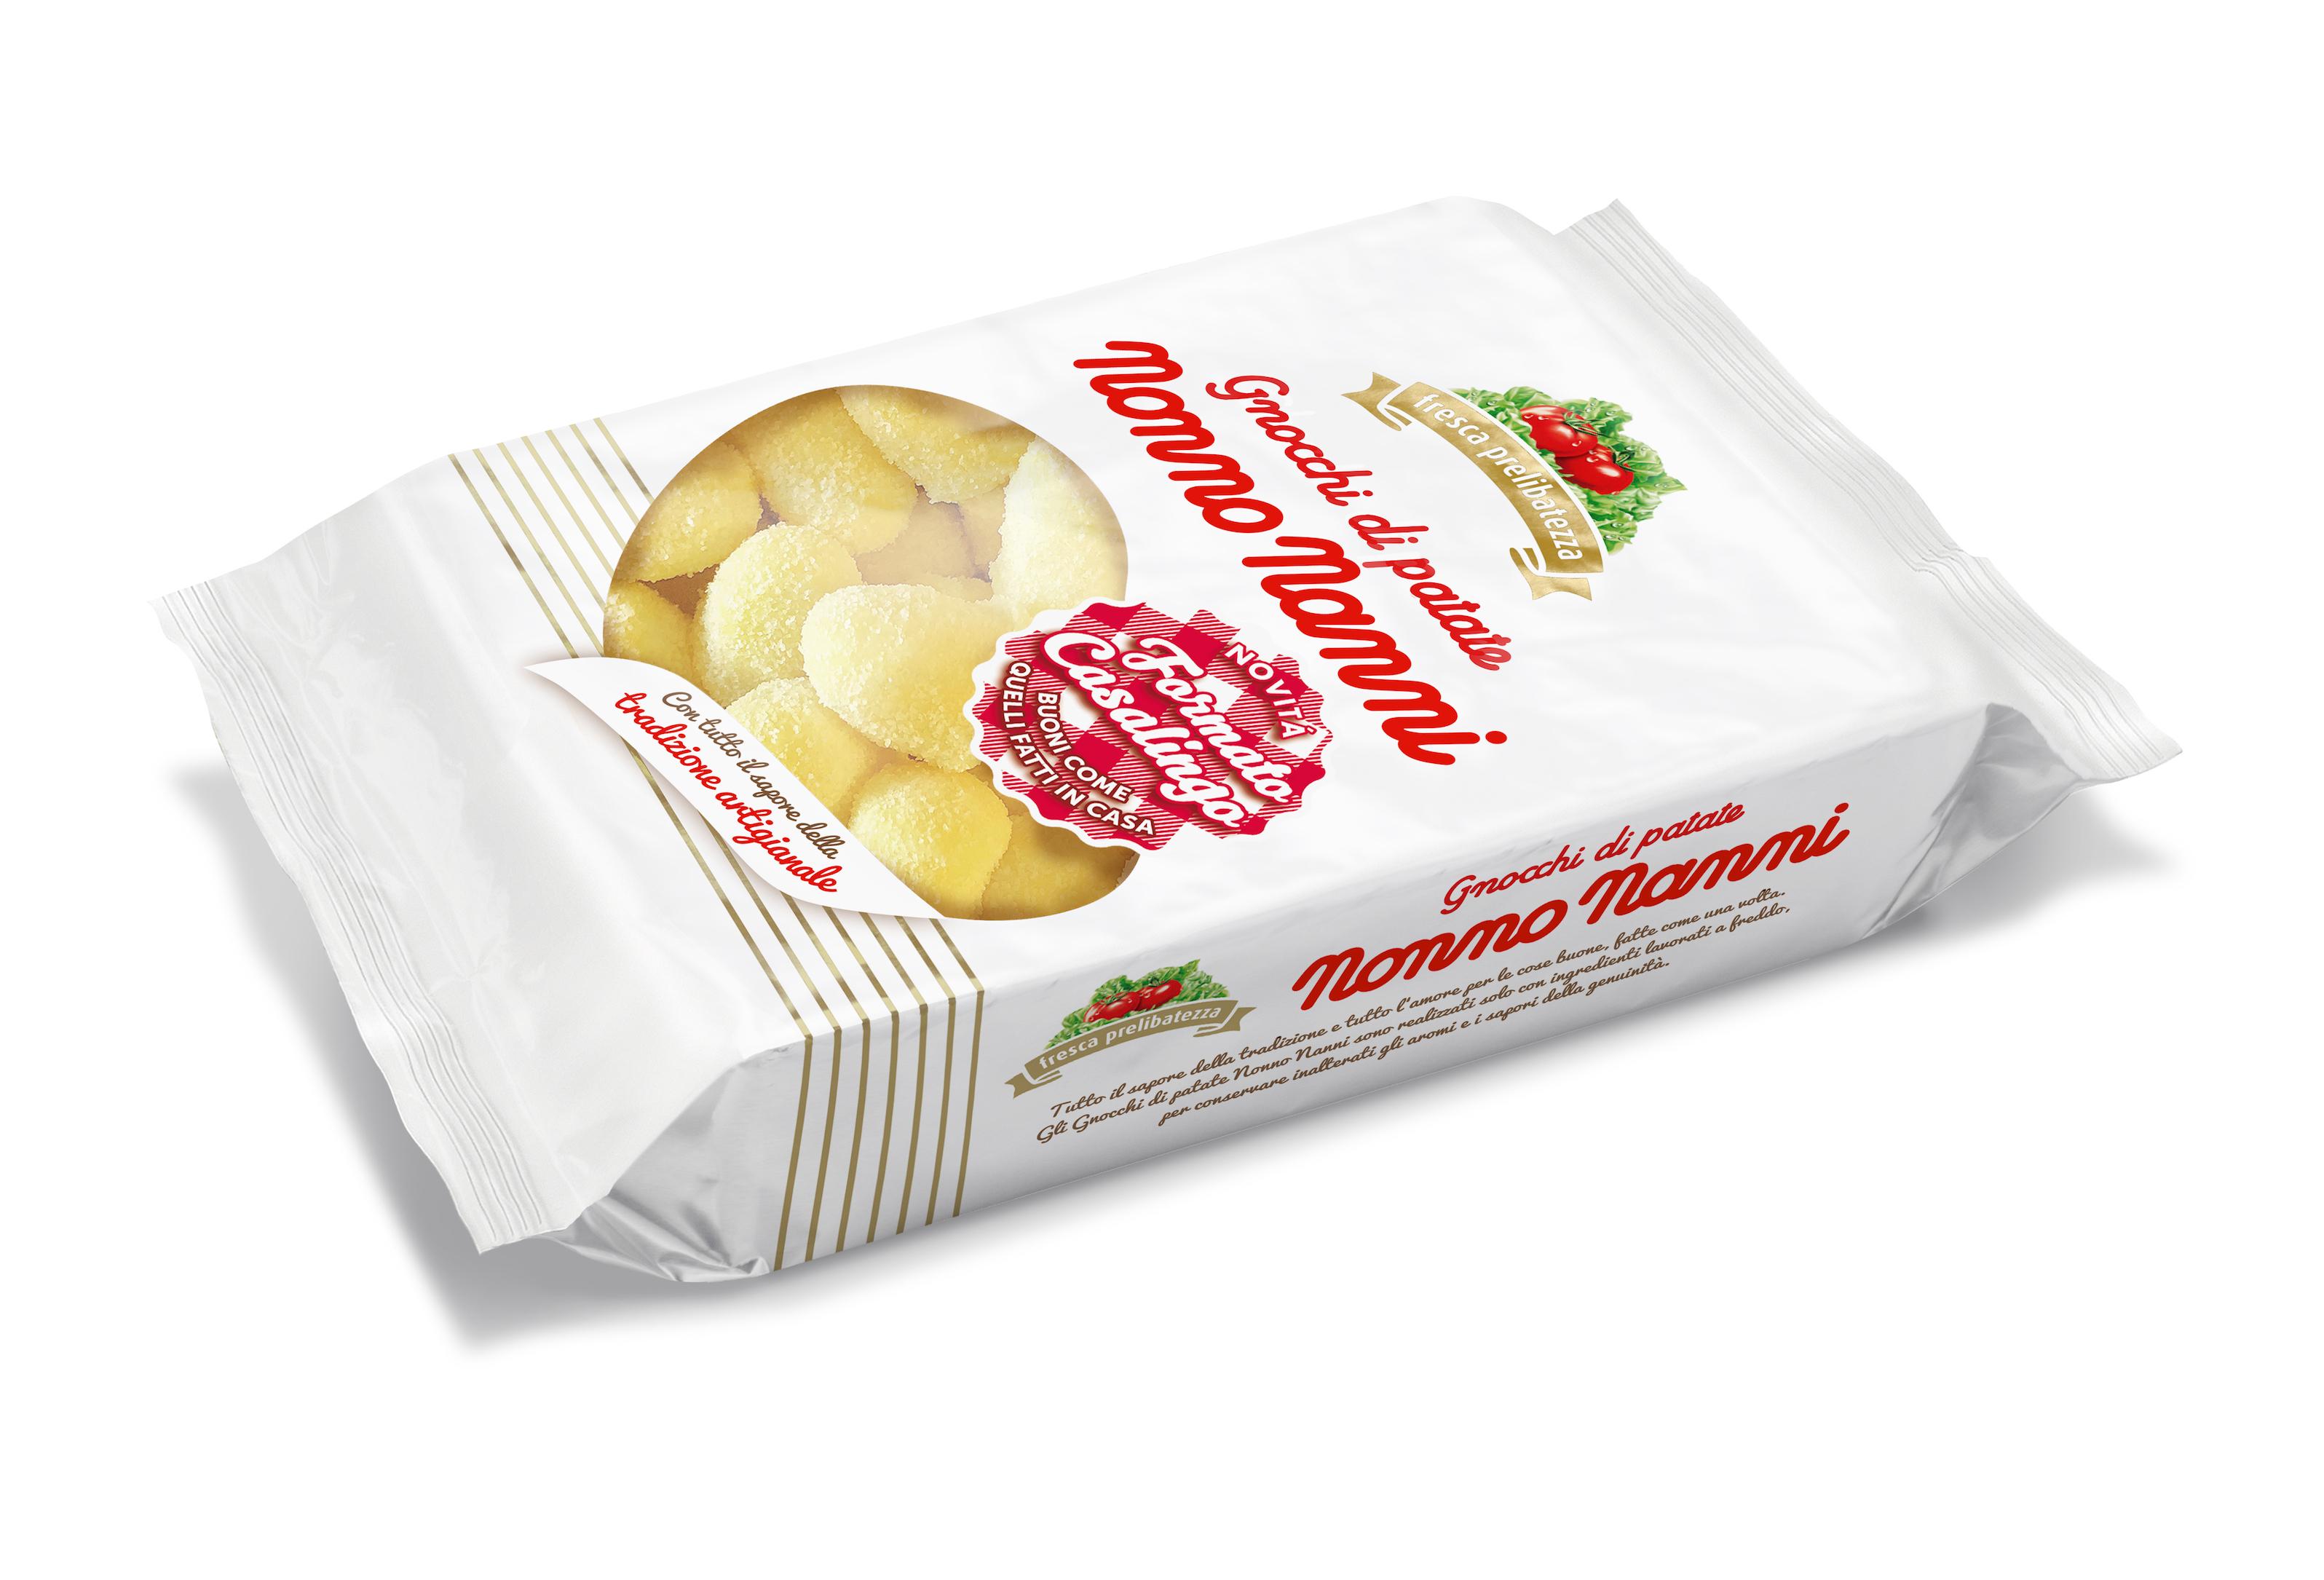 gnocchi di patate Nonno Nanni